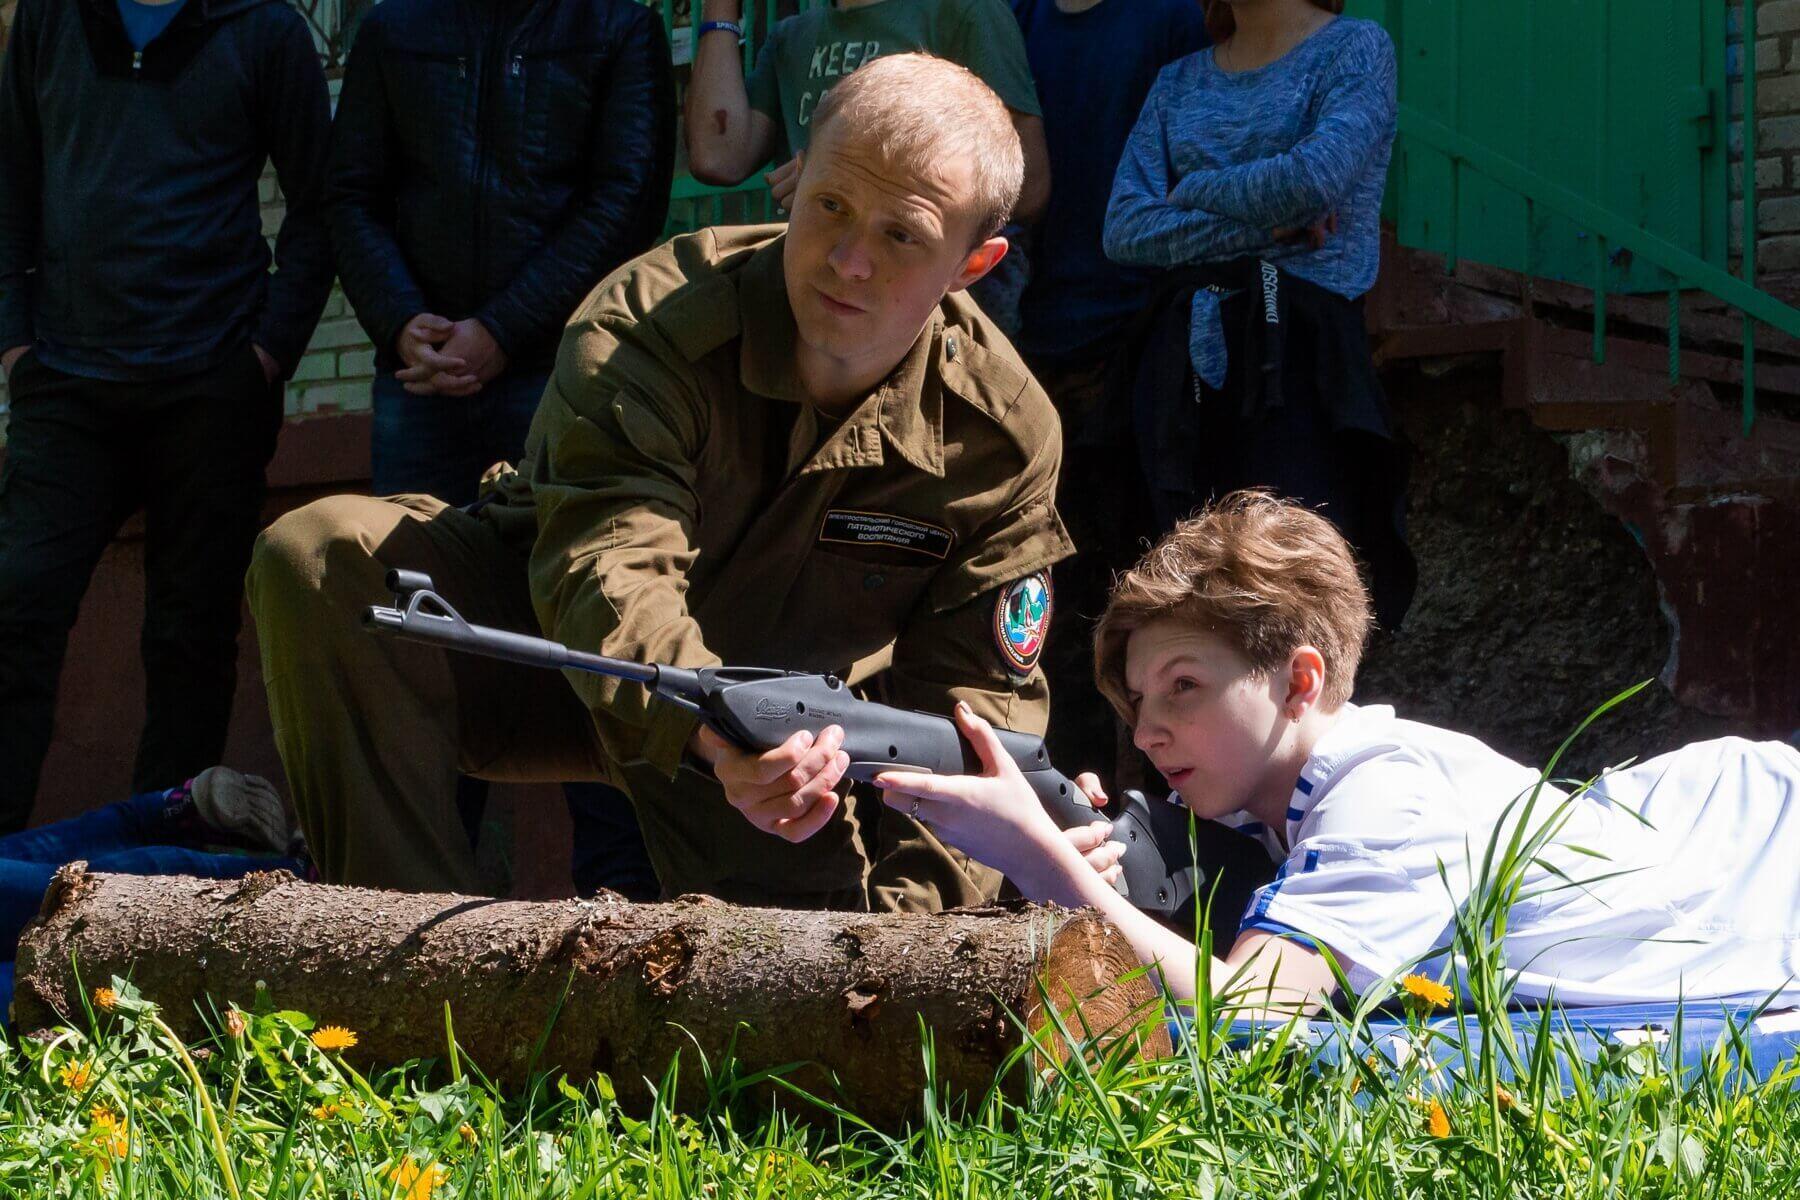 Военно-спортивная игра Зарница, стрельба